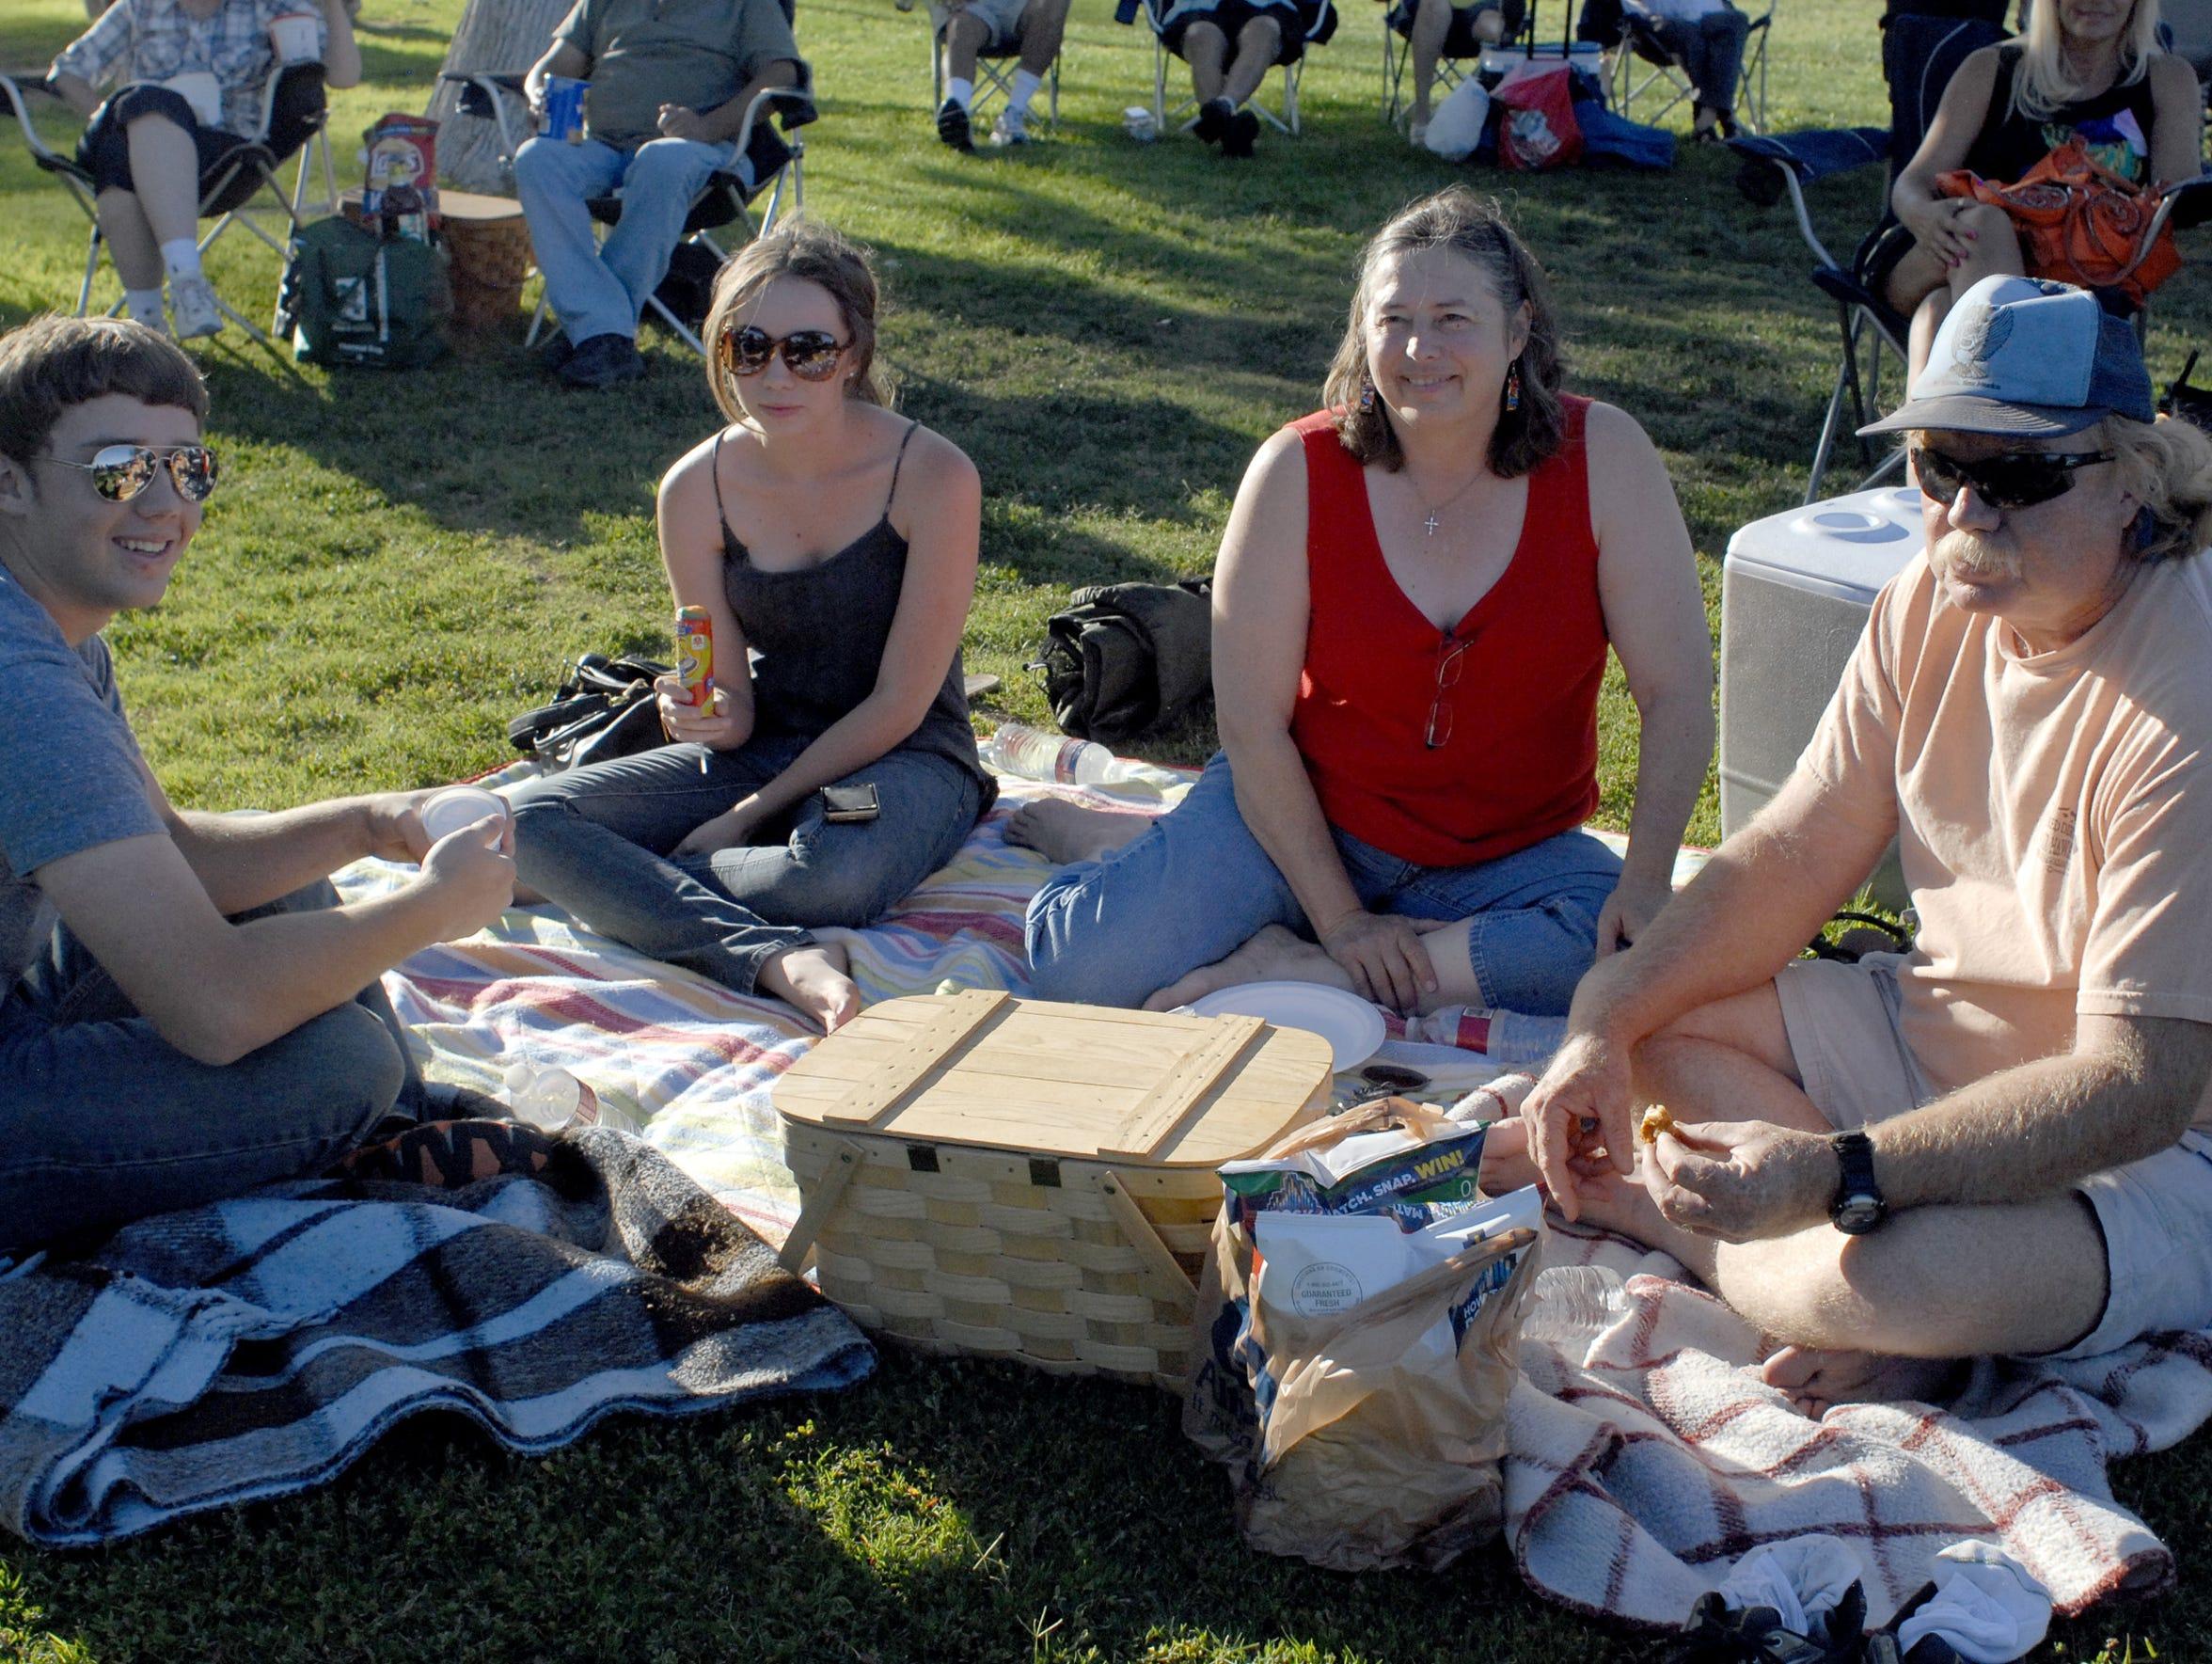 Matt, Kim, Ann and Pete Bellows prepare for a picnic